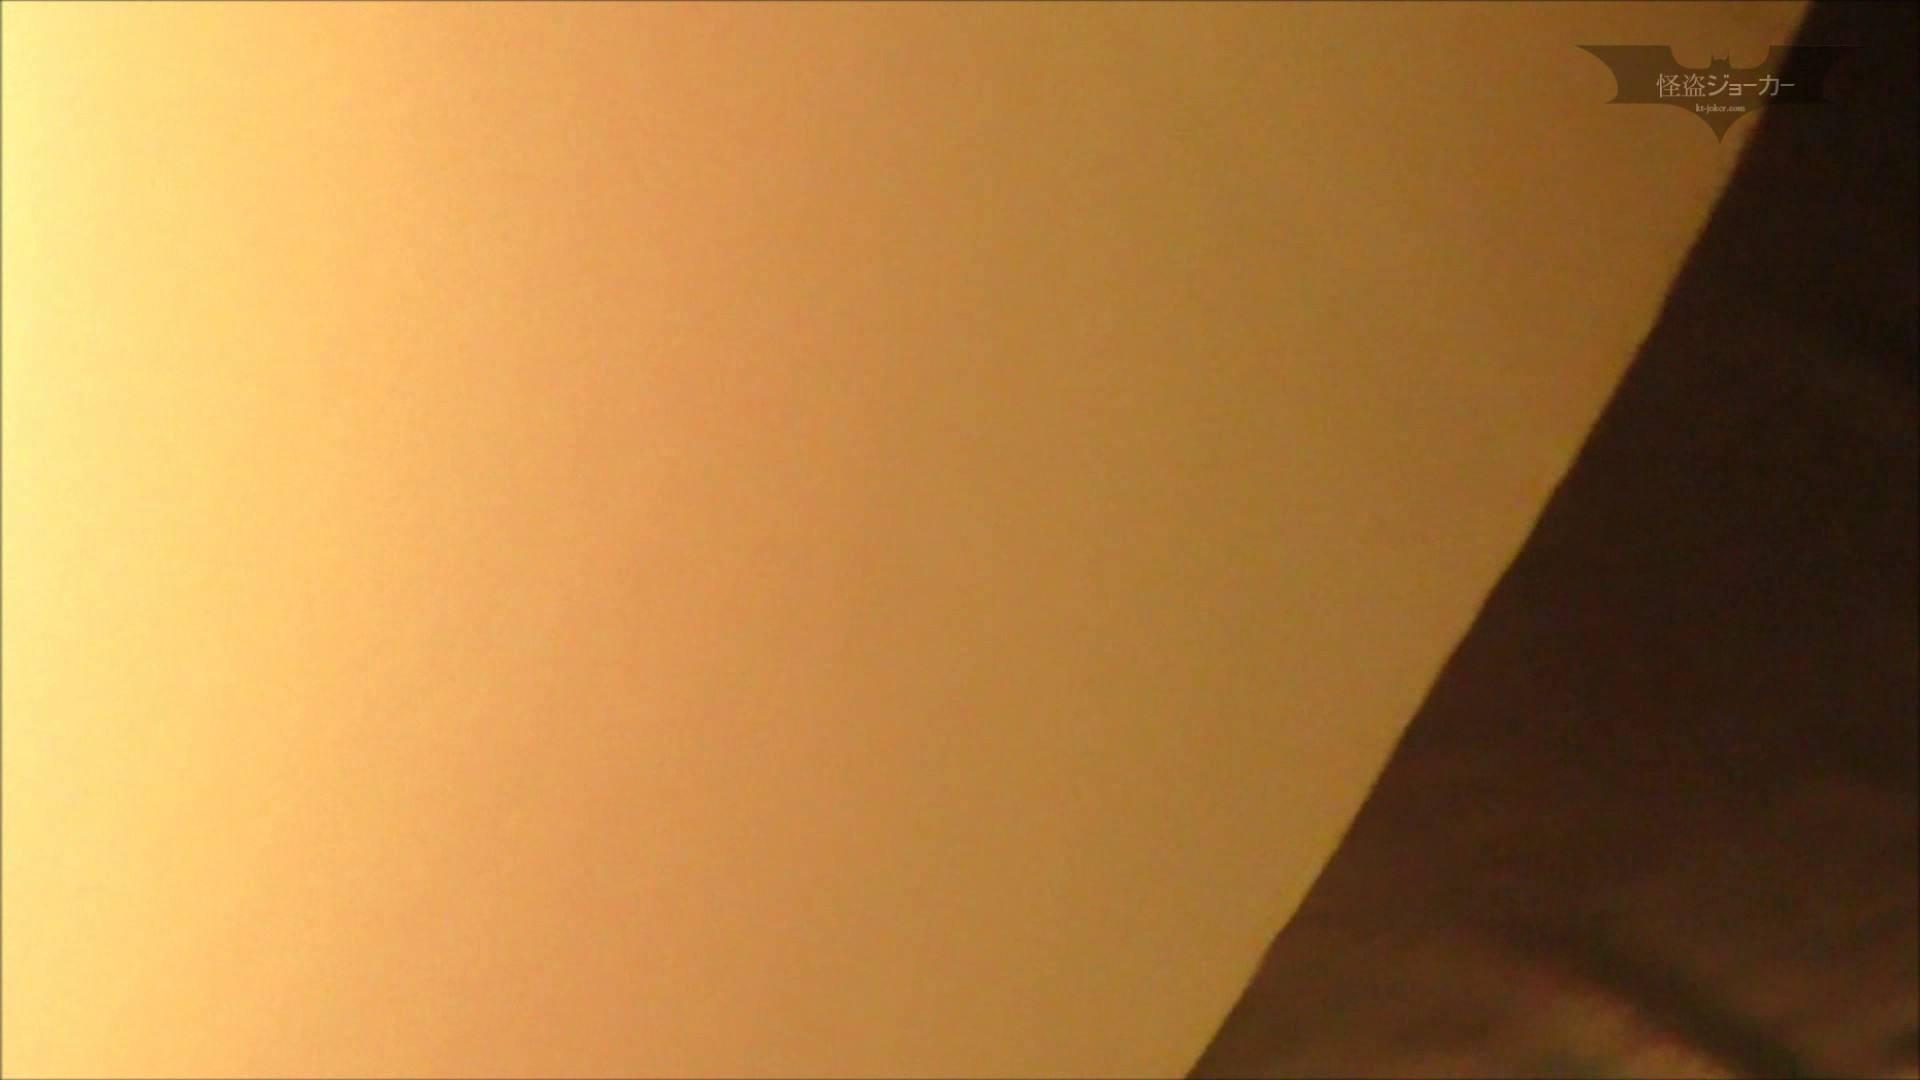 悪戯ネットカフェ Vol.06 若目狙って魔法でGO!! 悪戯  84pic 20